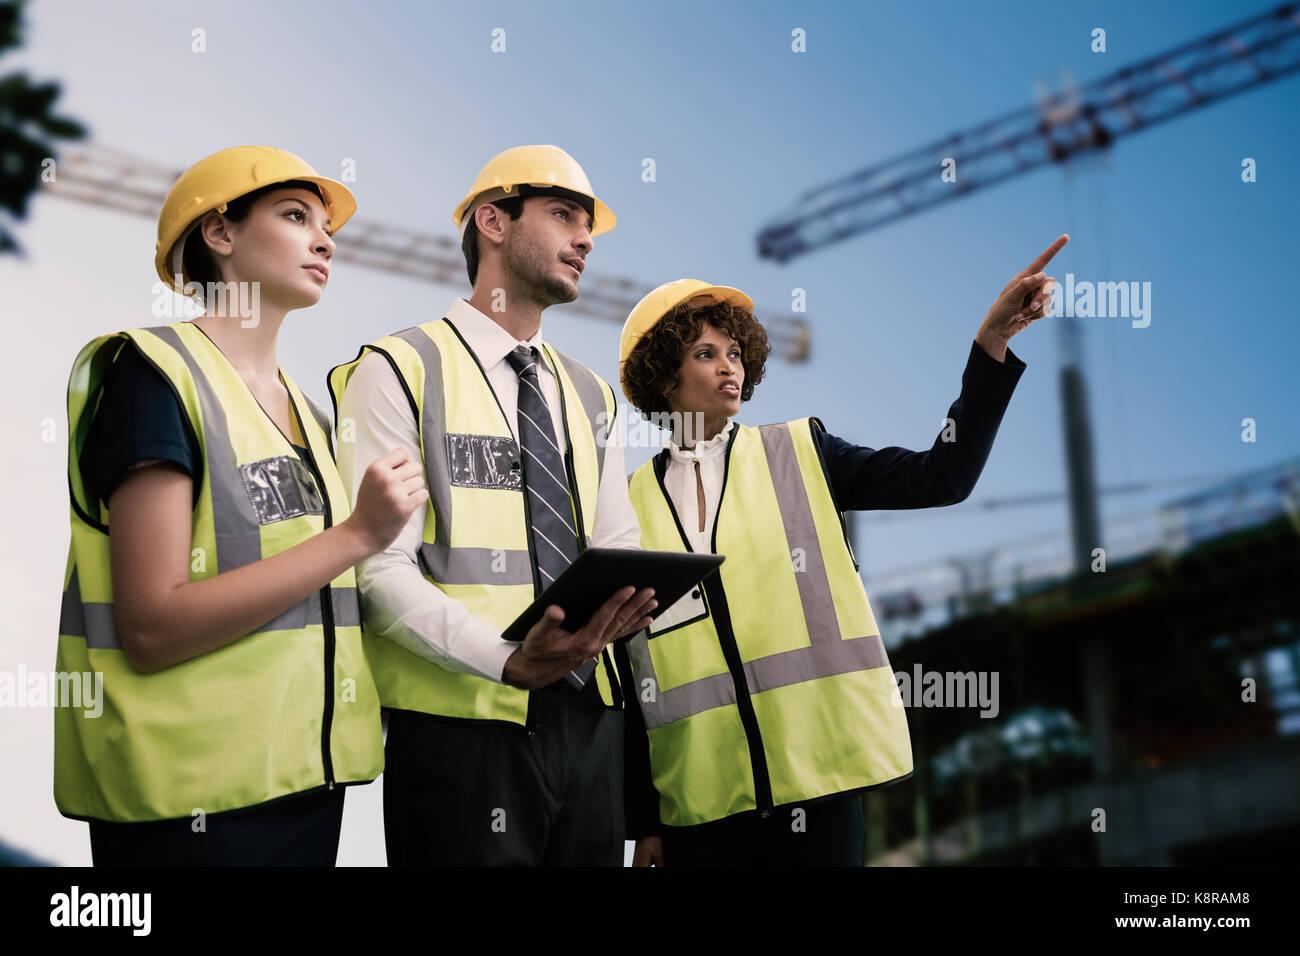 Arquitectos en ropa reflectora mirando a otro lado mientras Tablet PC contra la grúa y sitio de construcción Foto de stock